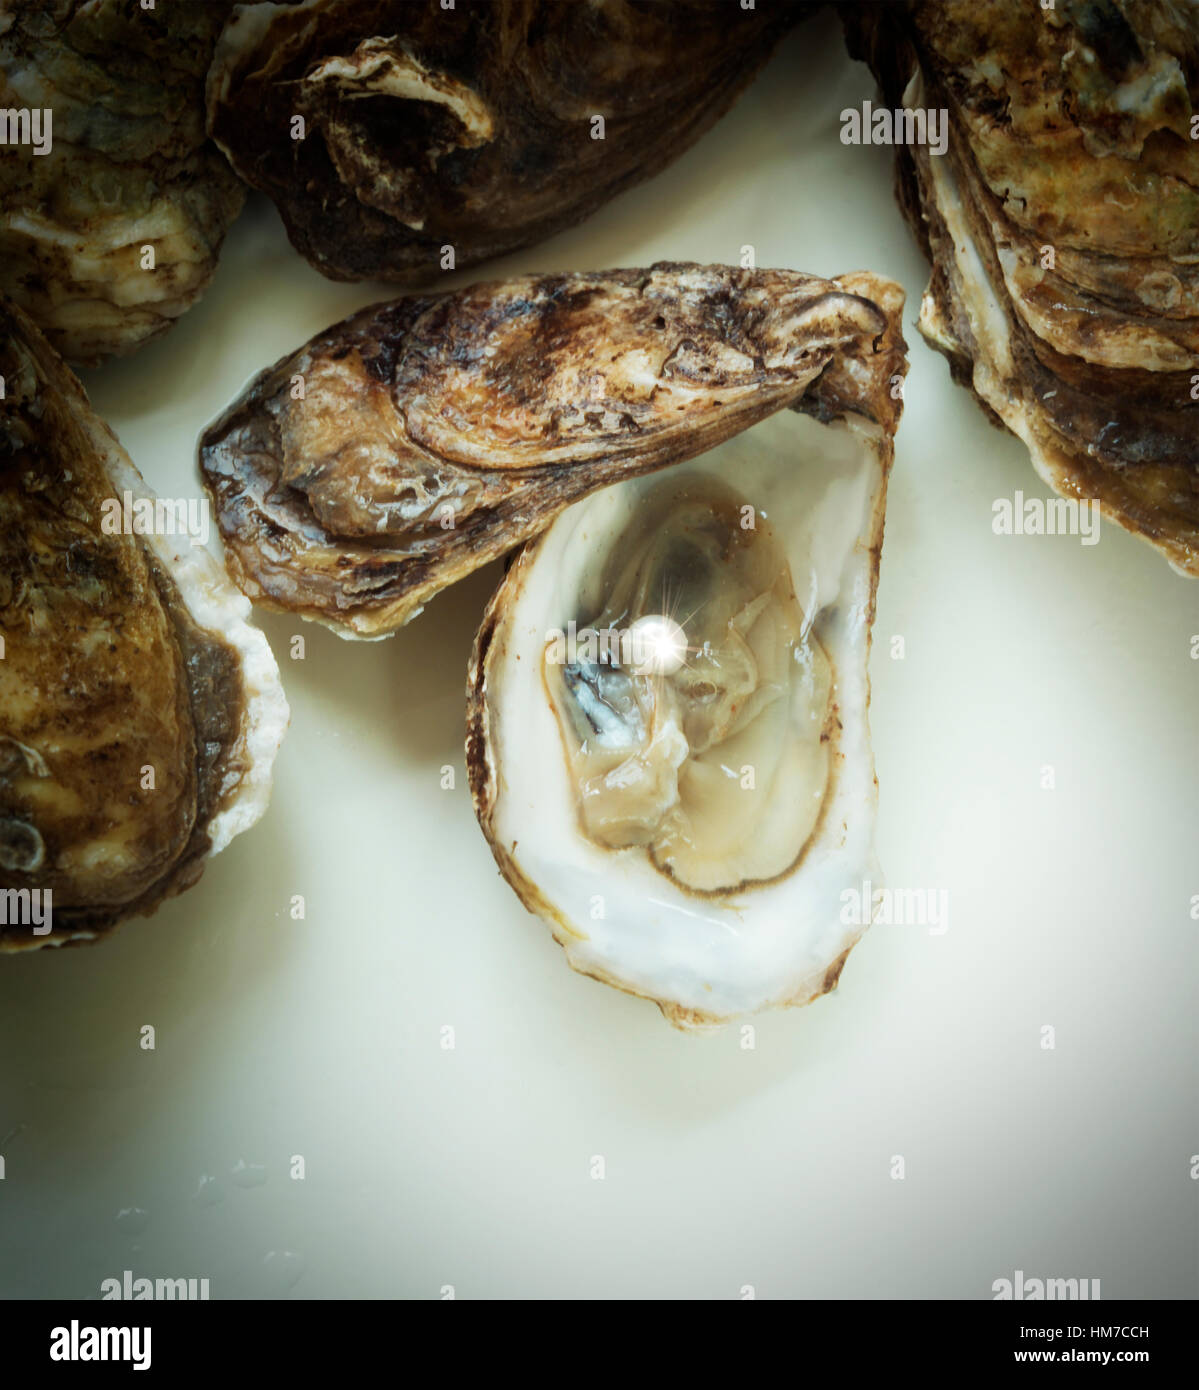 /Reali Madreperla conchiglia della met/à con perle molto luminoso decorazione a forma di guscio per gioielli budawi/ Portasapone